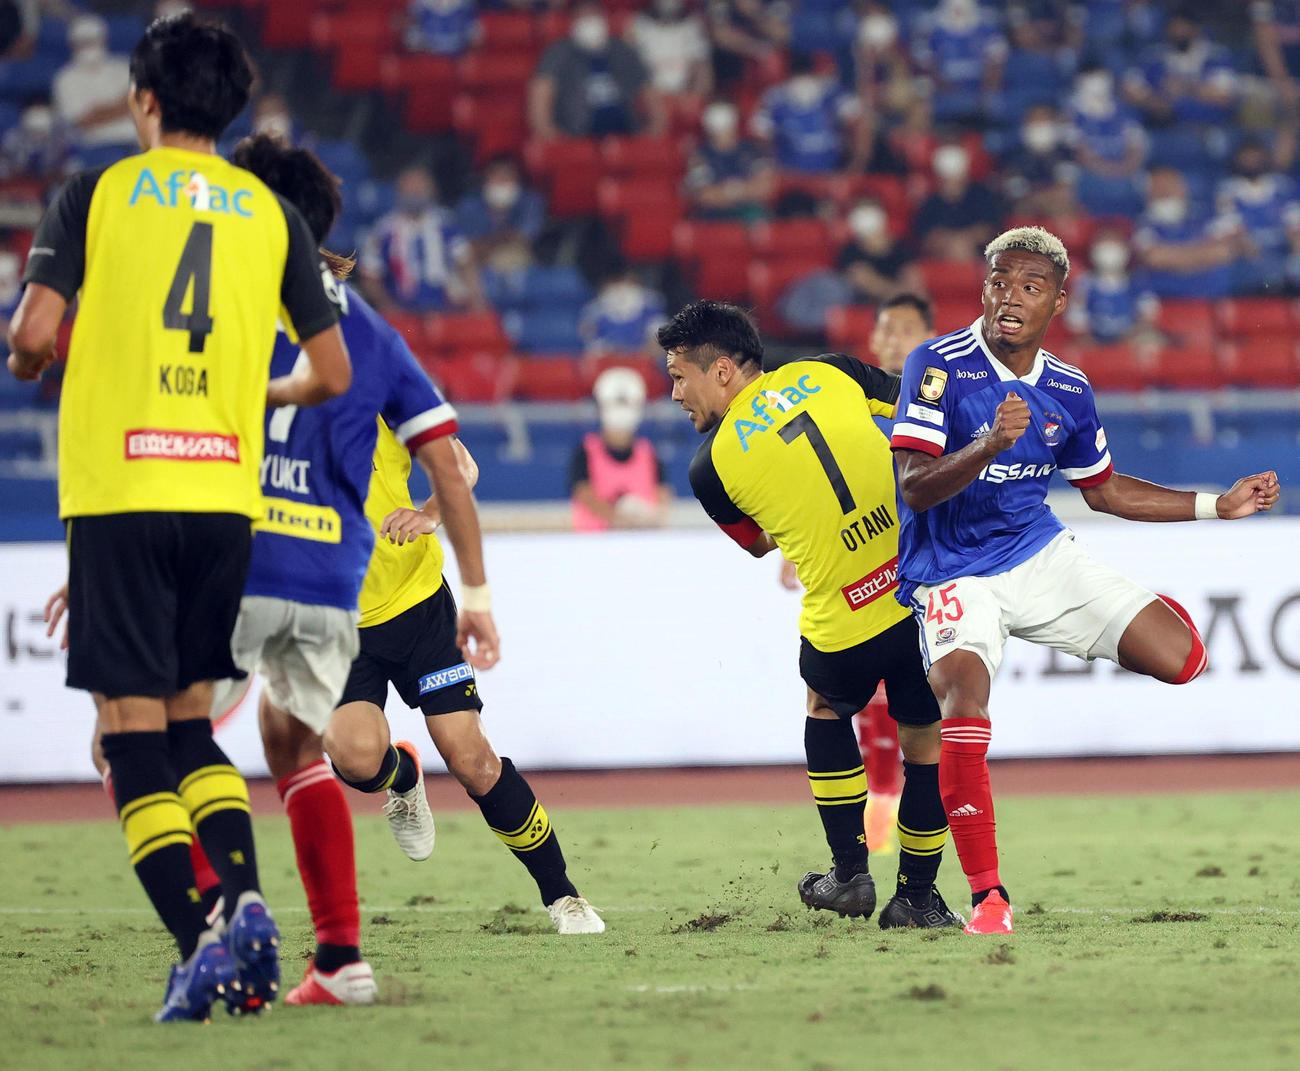 横浜対柏 後半、右足で同点となるゴールを決める横浜FWオナイウ(撮影・垰建太)